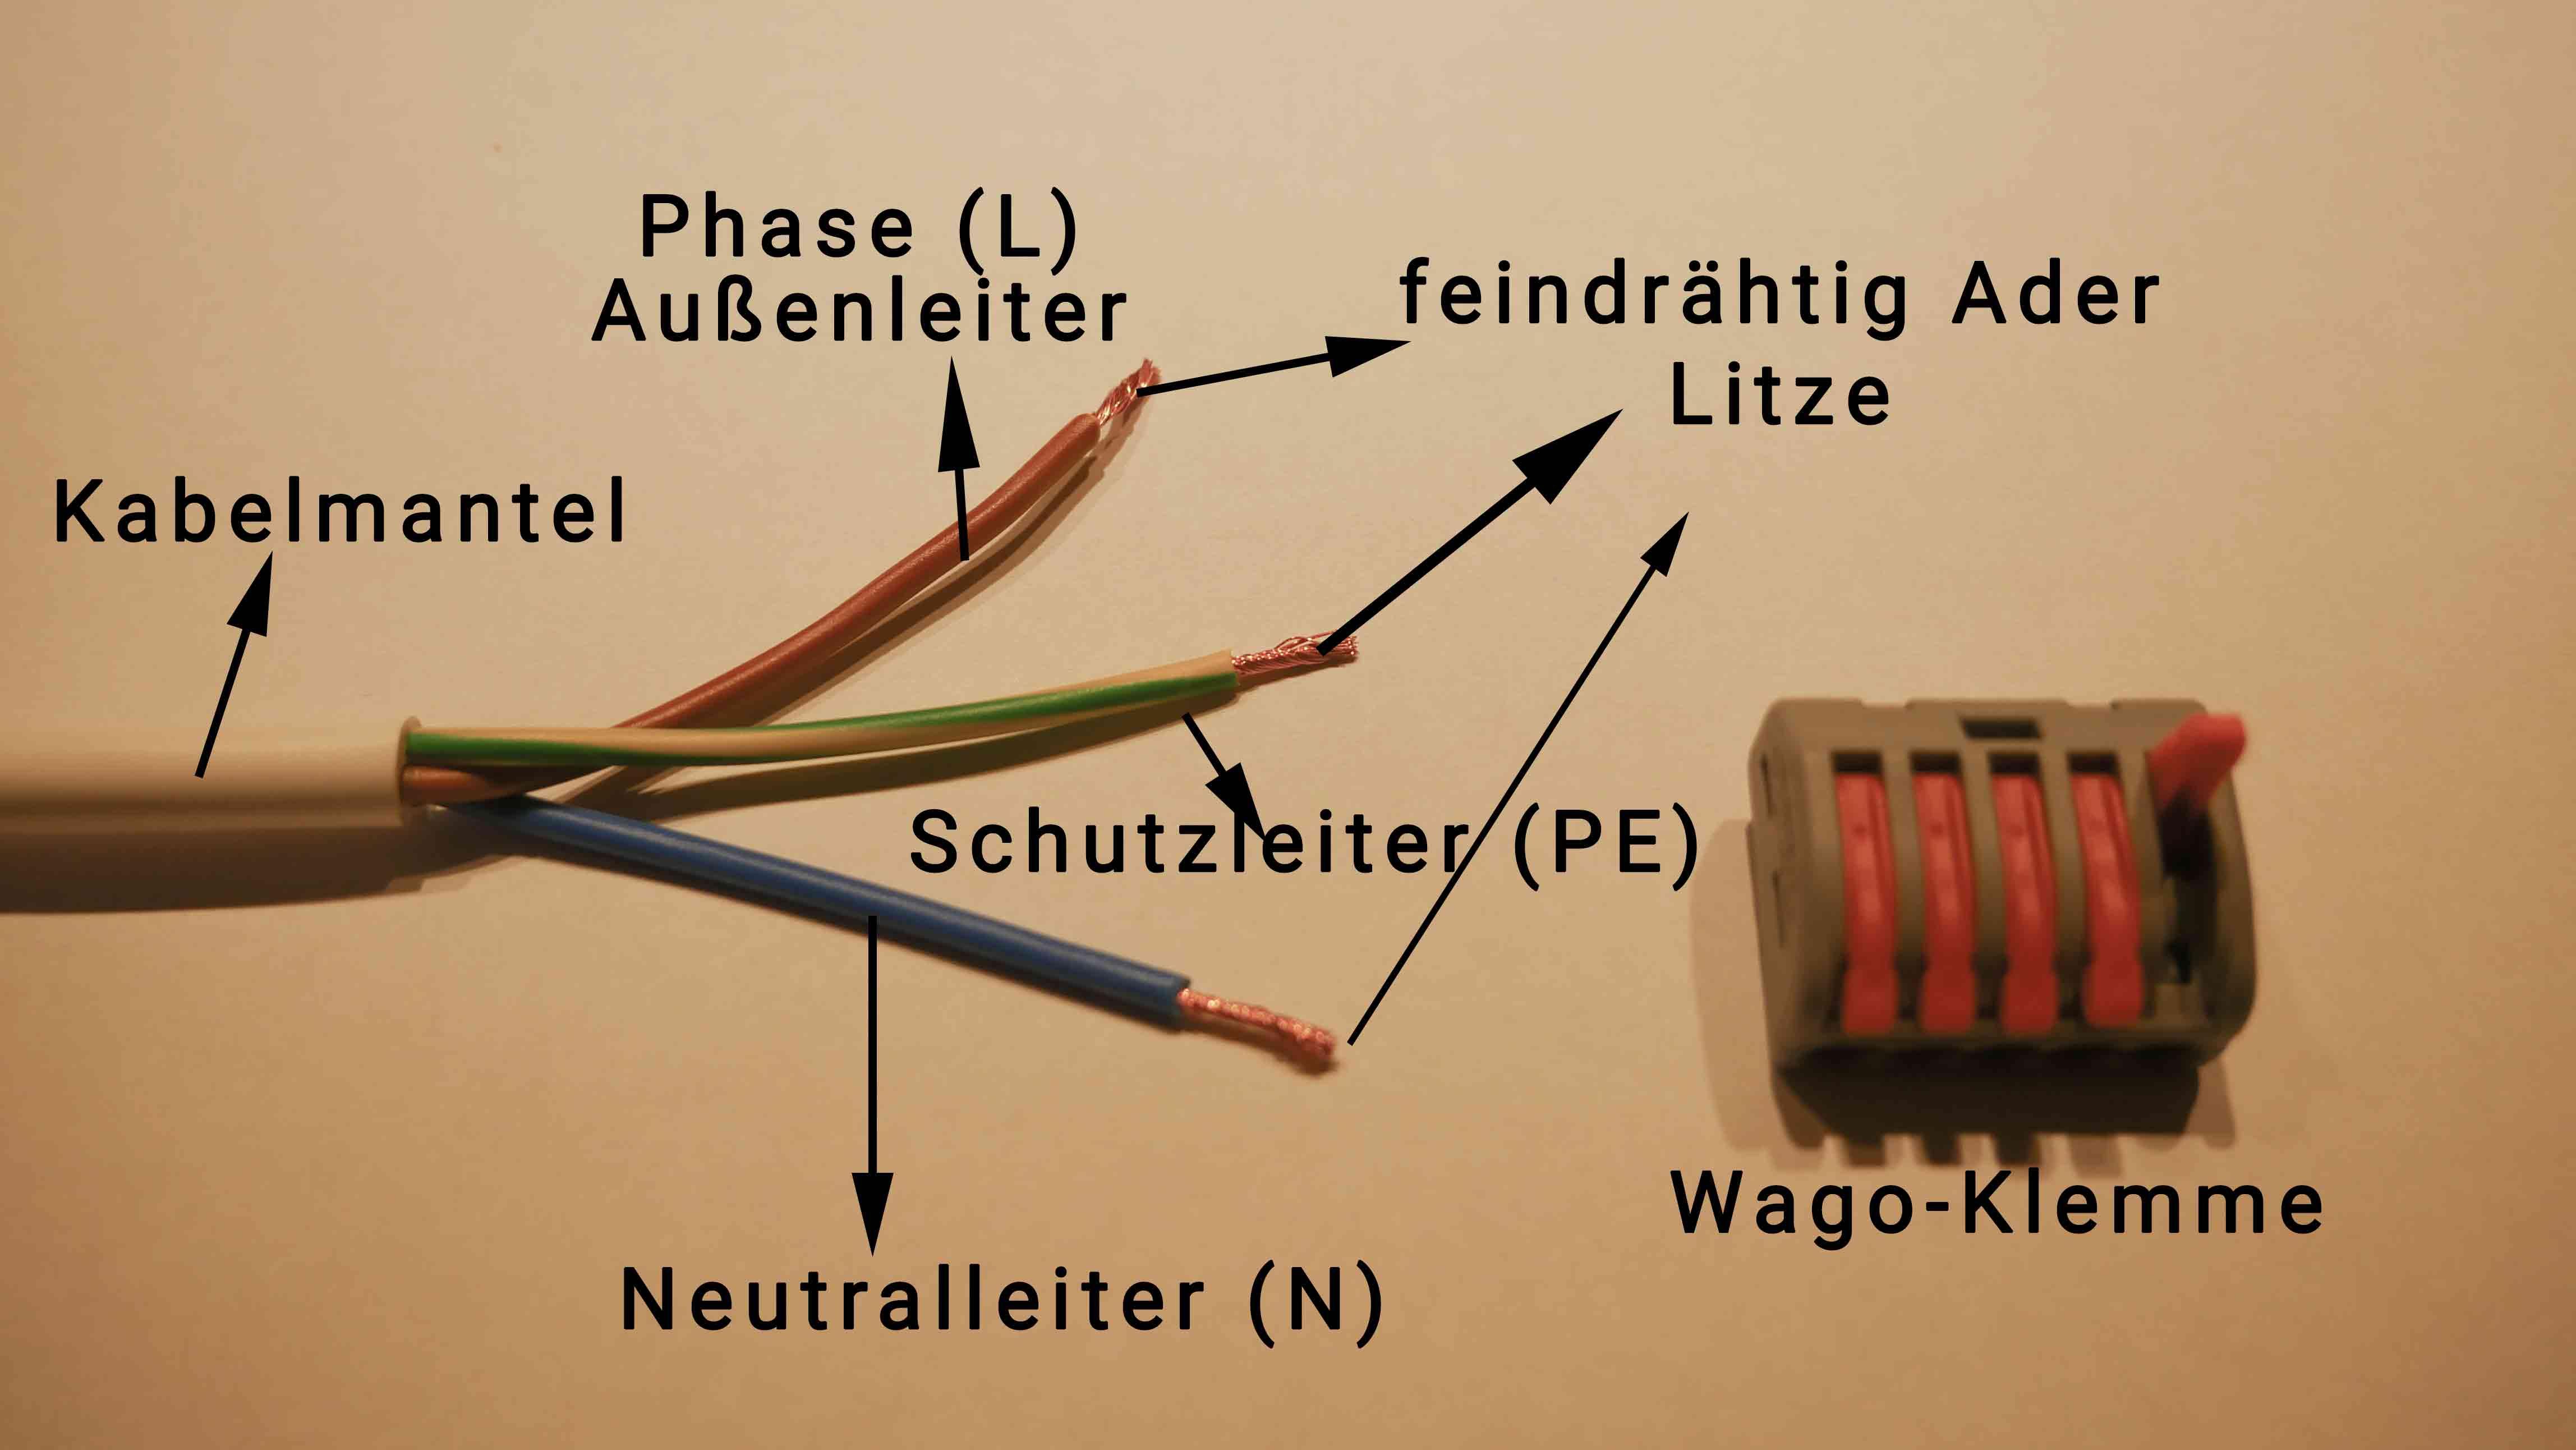 Ein Kabel besteht aus mehreren Adern, Bedeutung der Farben verschiedener Adern, Leiter, Außenleiter, Neutralleiter und Schutzleiter